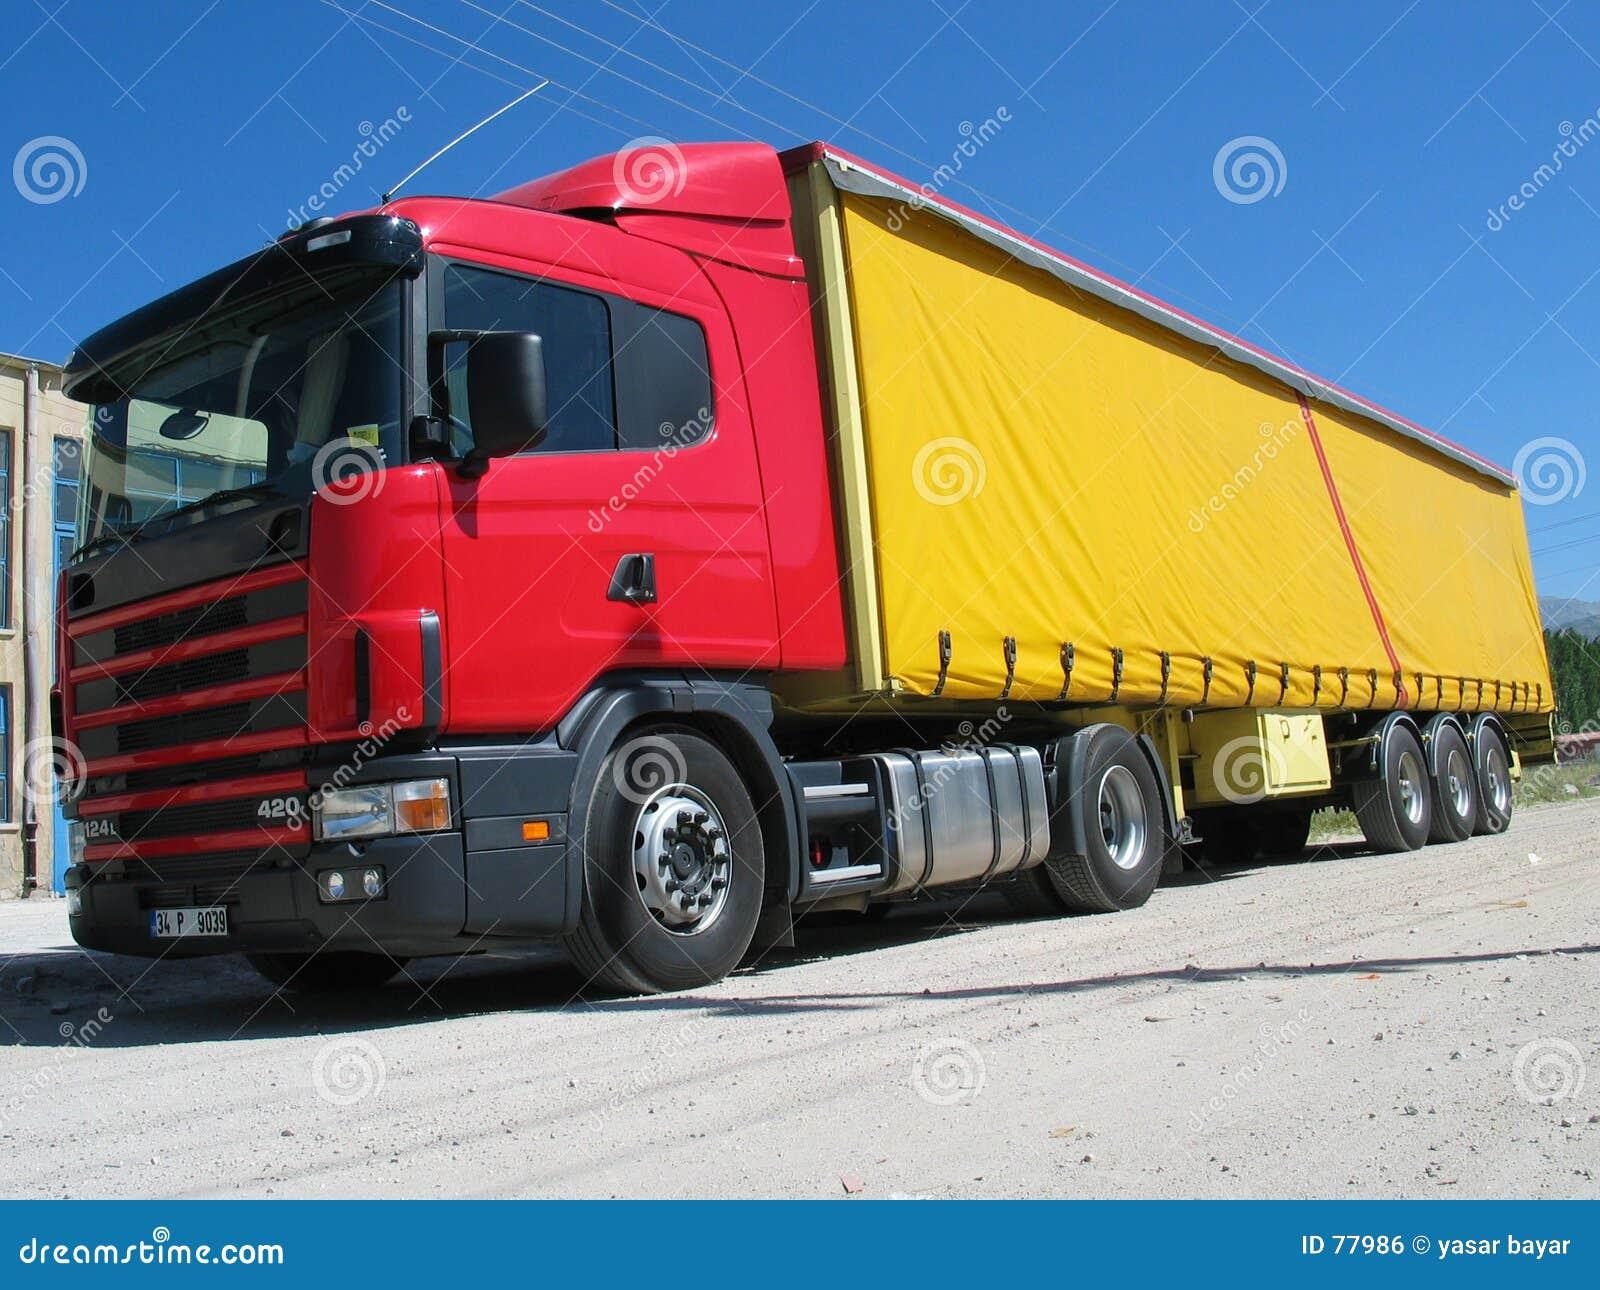 Camion rosso fotografia stock immagine di rotella - Foto di grandi camion ...